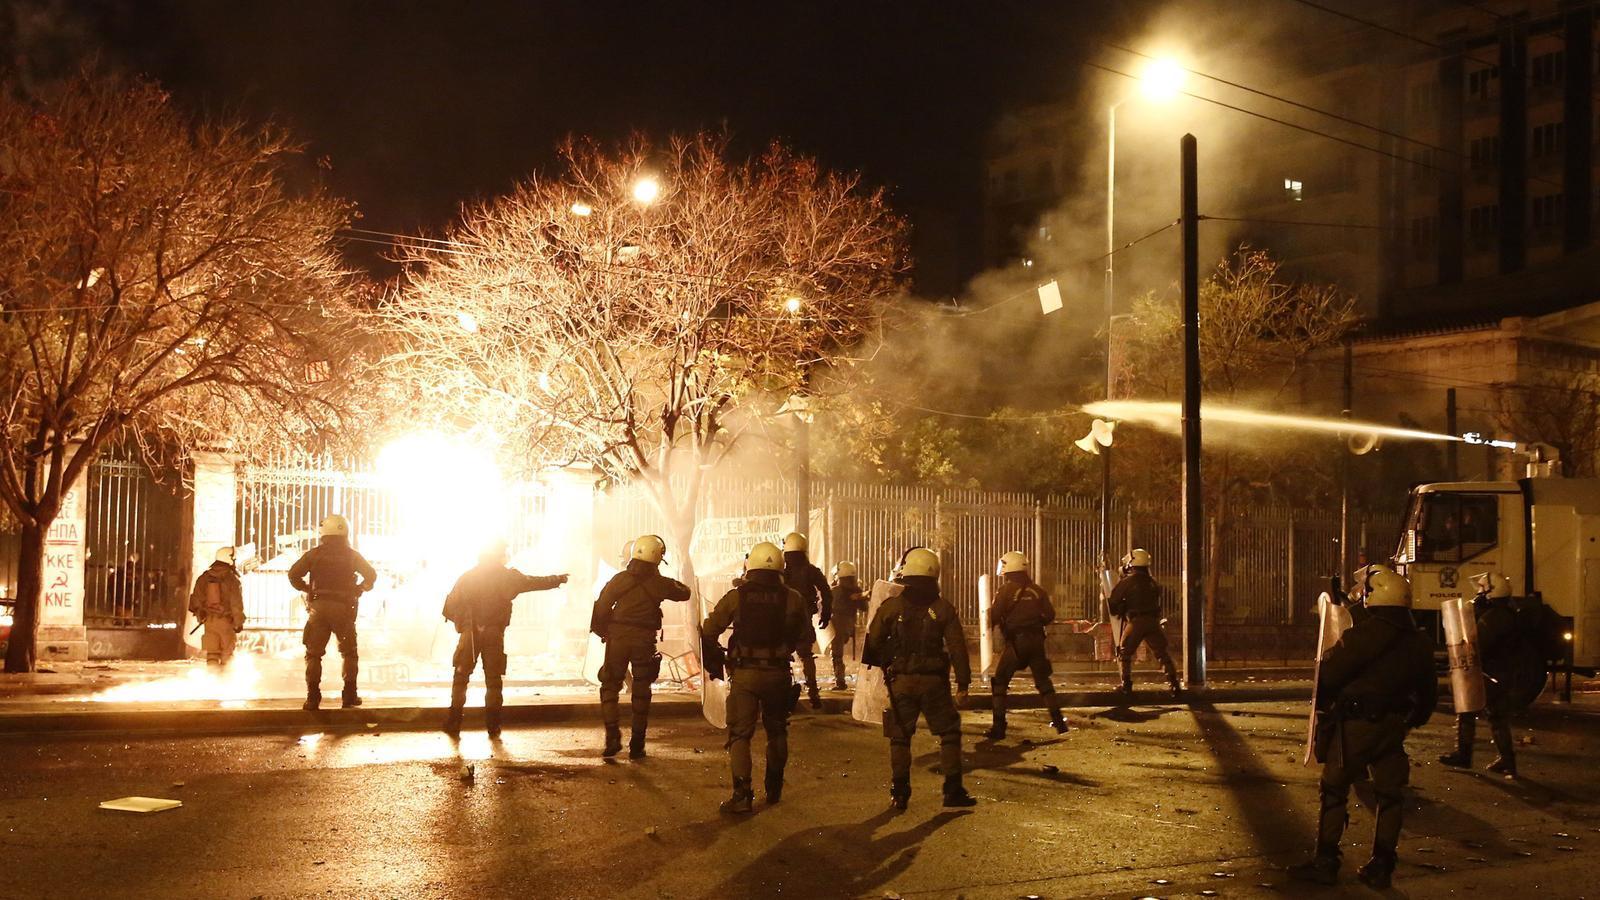 Una imatge de la batalla campal a Atenes coincidint amb el 45è aniversari de l'aixecament universitari de 1973